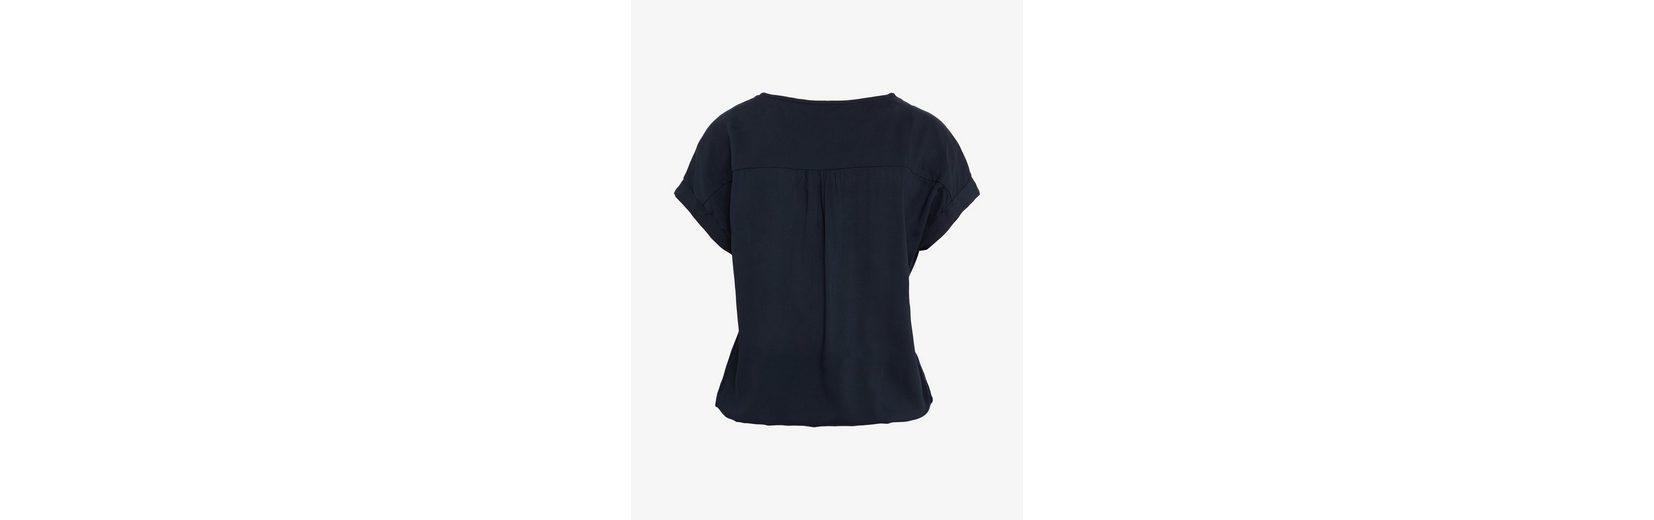 Tom Tailor Langarmbluse Bluse mitelastischem Bund Qualität Freies Verschiffen 98OxNhCr